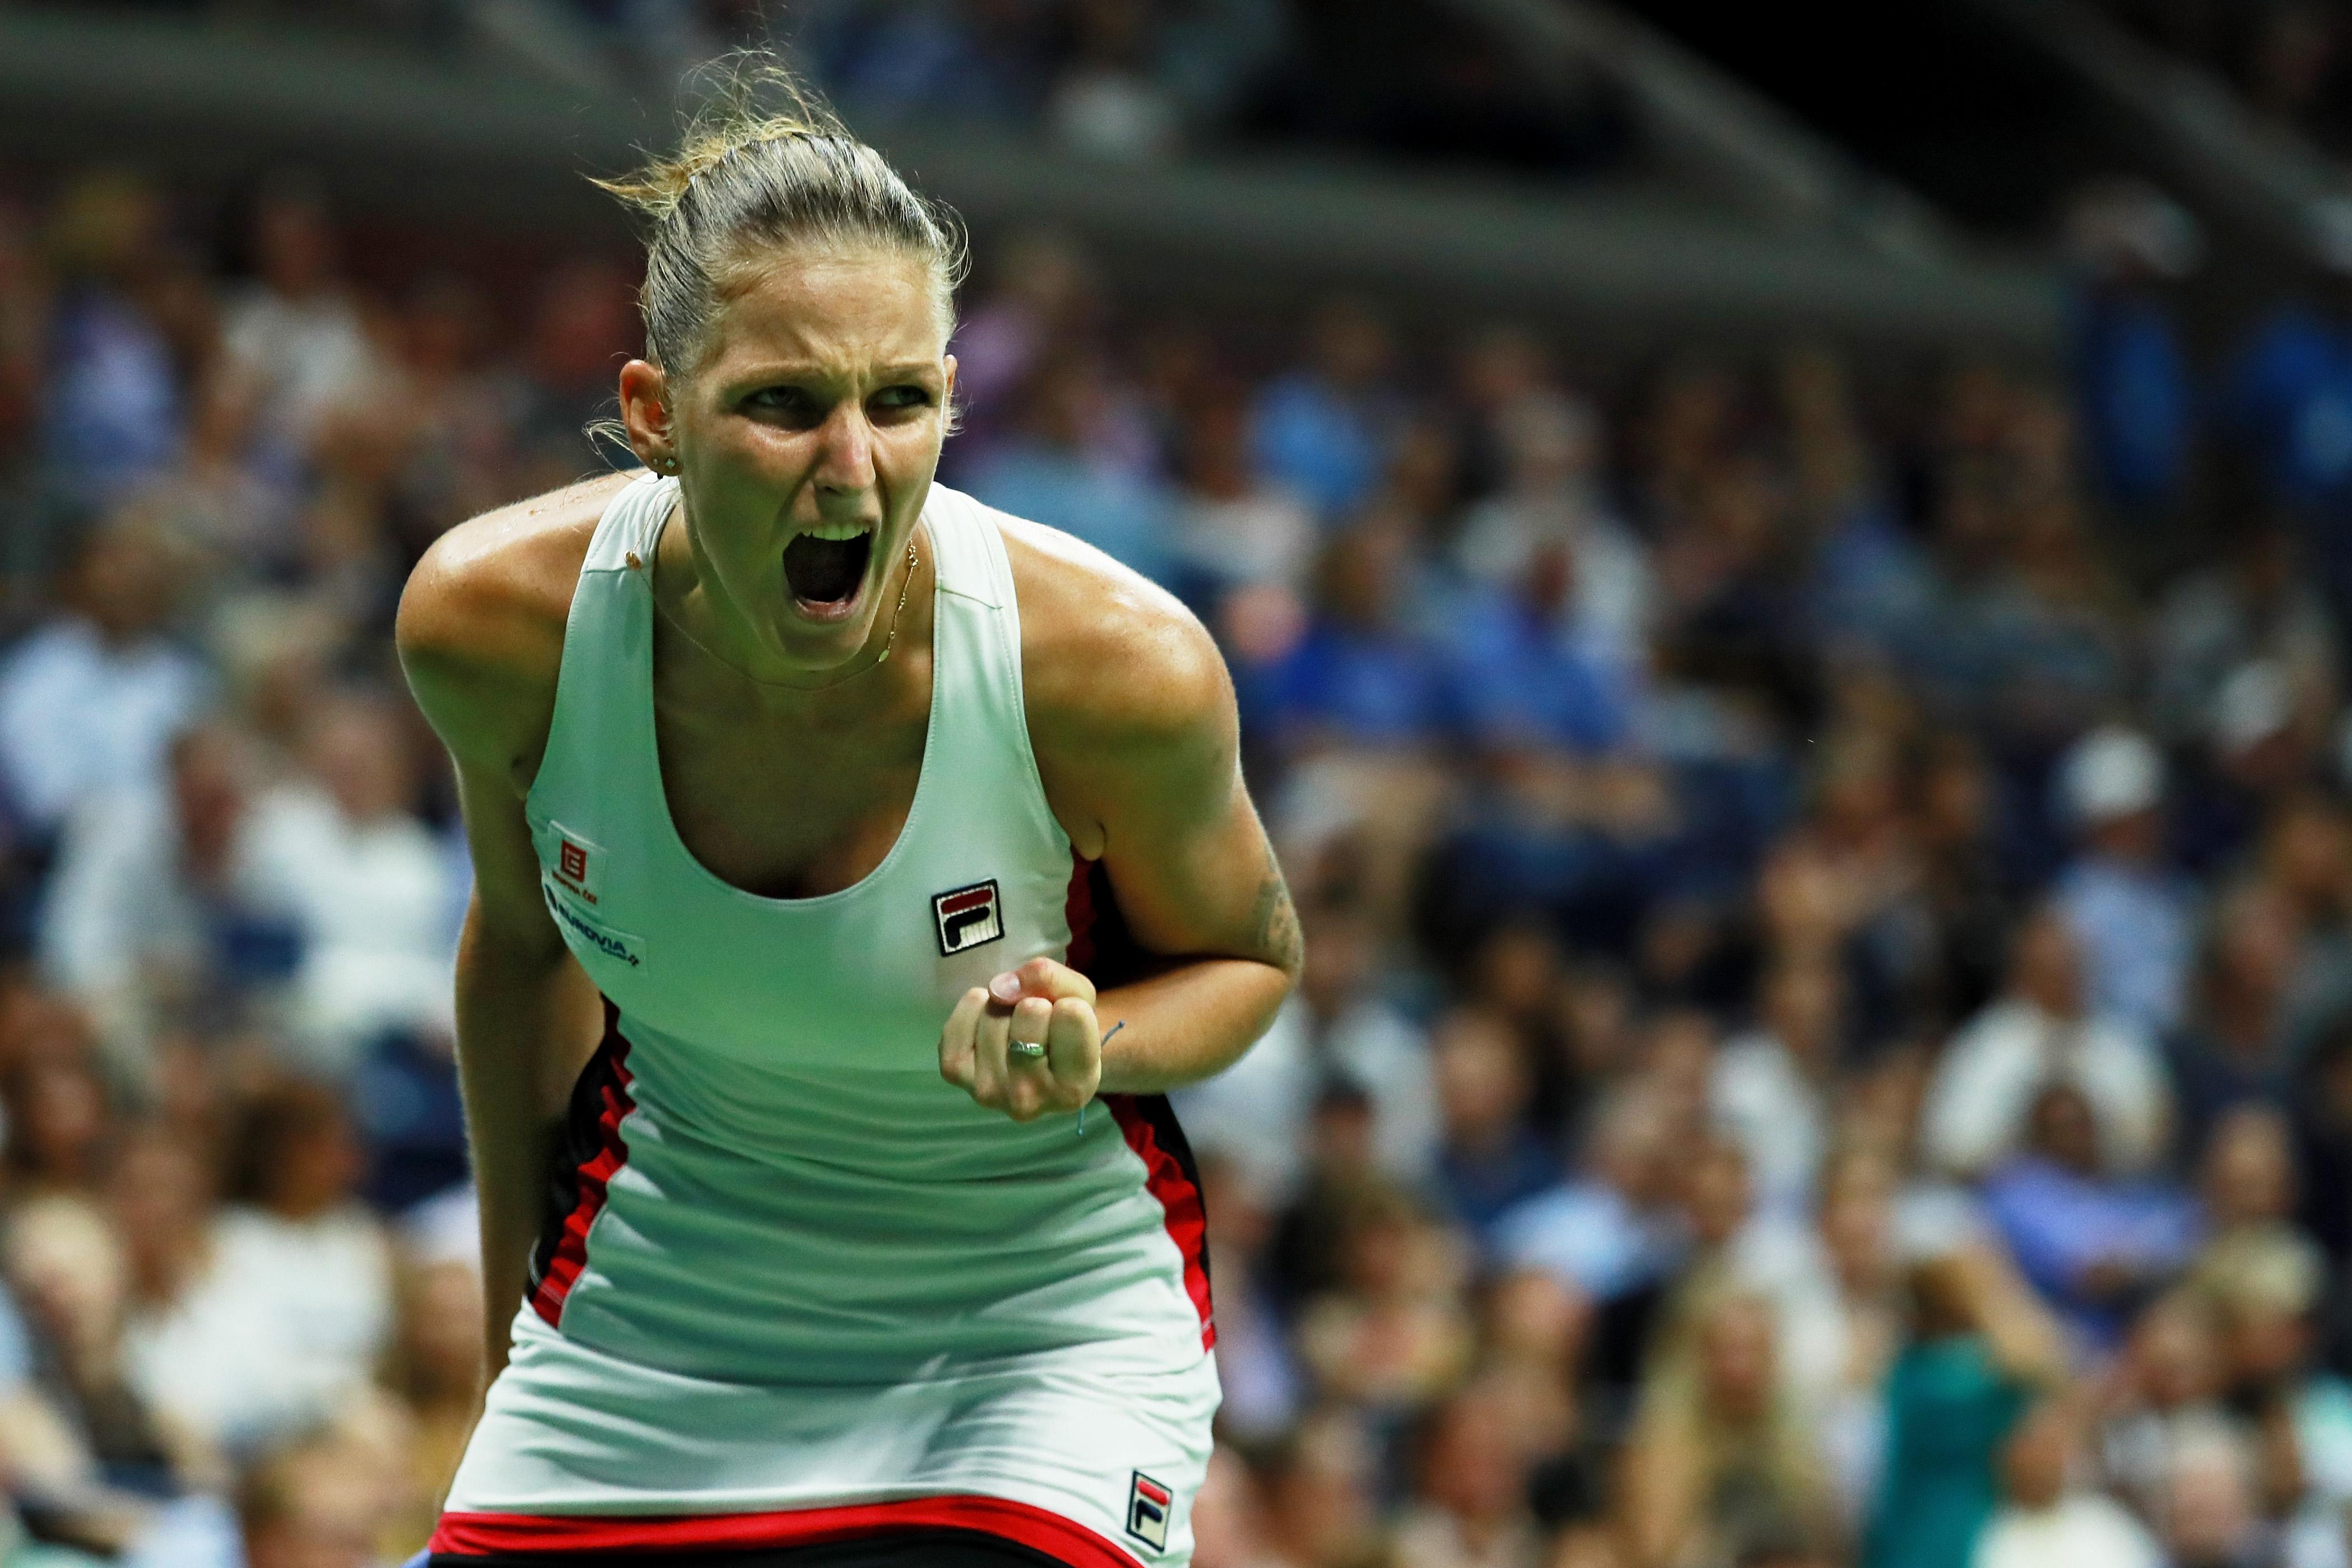 Selten emotional: Karolina Pliskova verzieht in Matches oft keine Miene. Sie ist aber davon überzeugt, dass sie besser spielt, wenn mal Emotionen aus ihr herausplatzen.